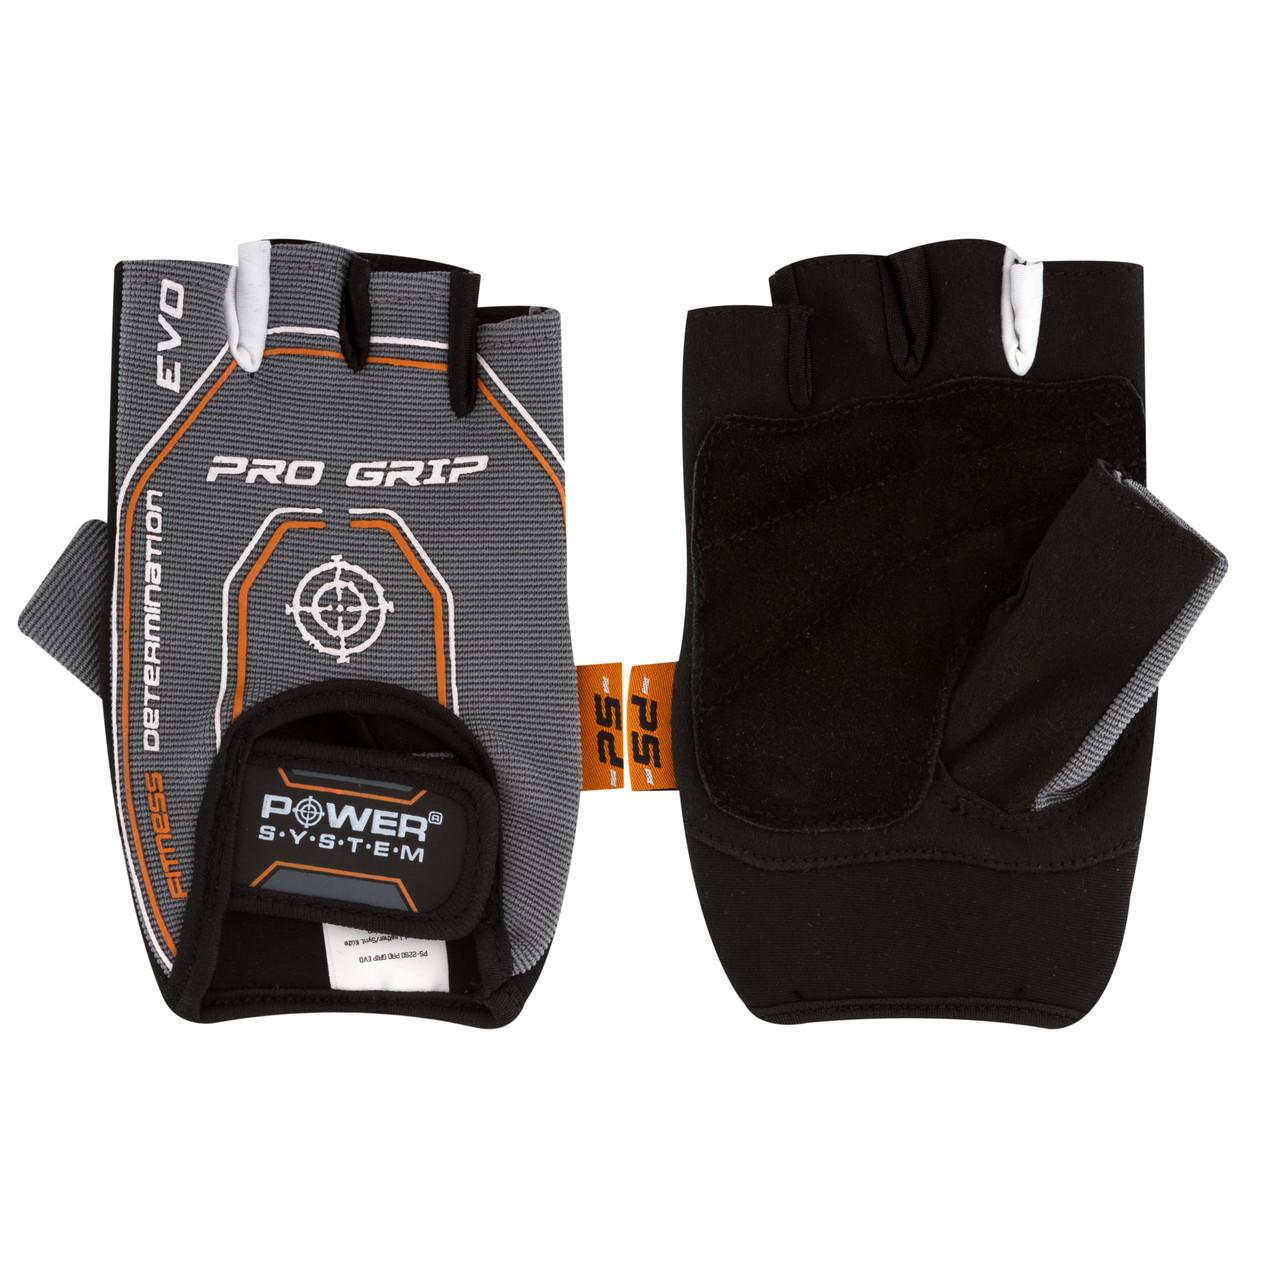 Перчатки для фитнеса и тяжелой атлетики Power System Pro Grip EVO PS-2250E Grey M